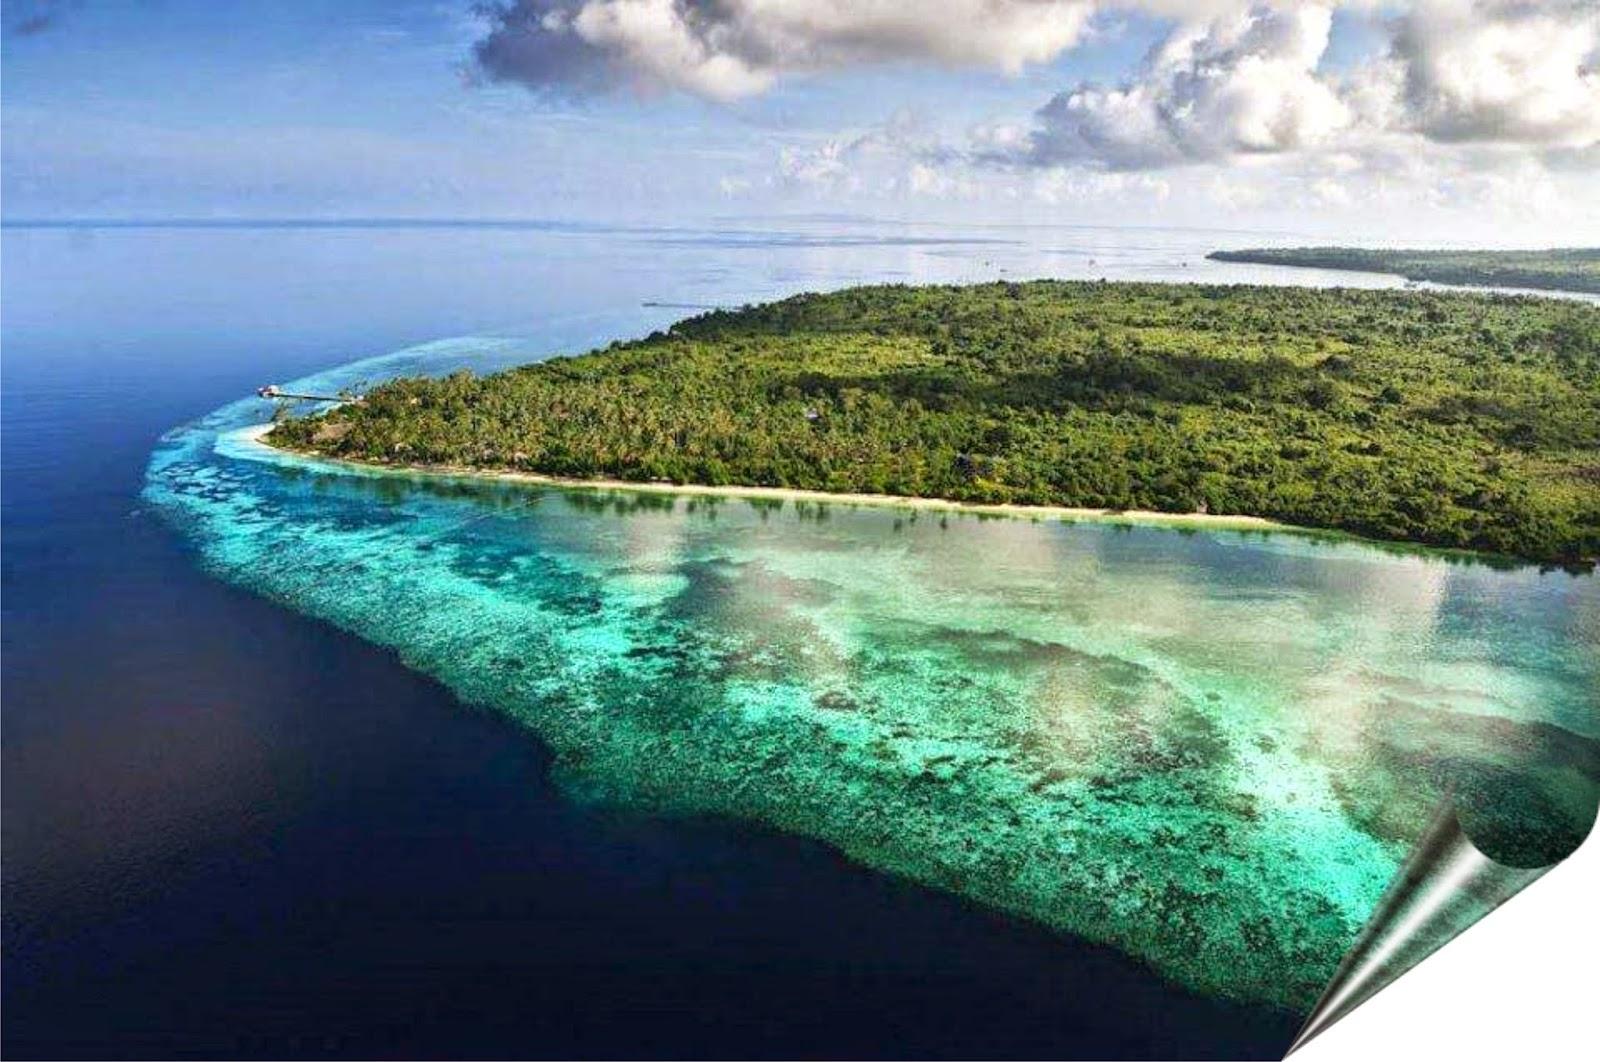 Sulawesi - Wikipedia